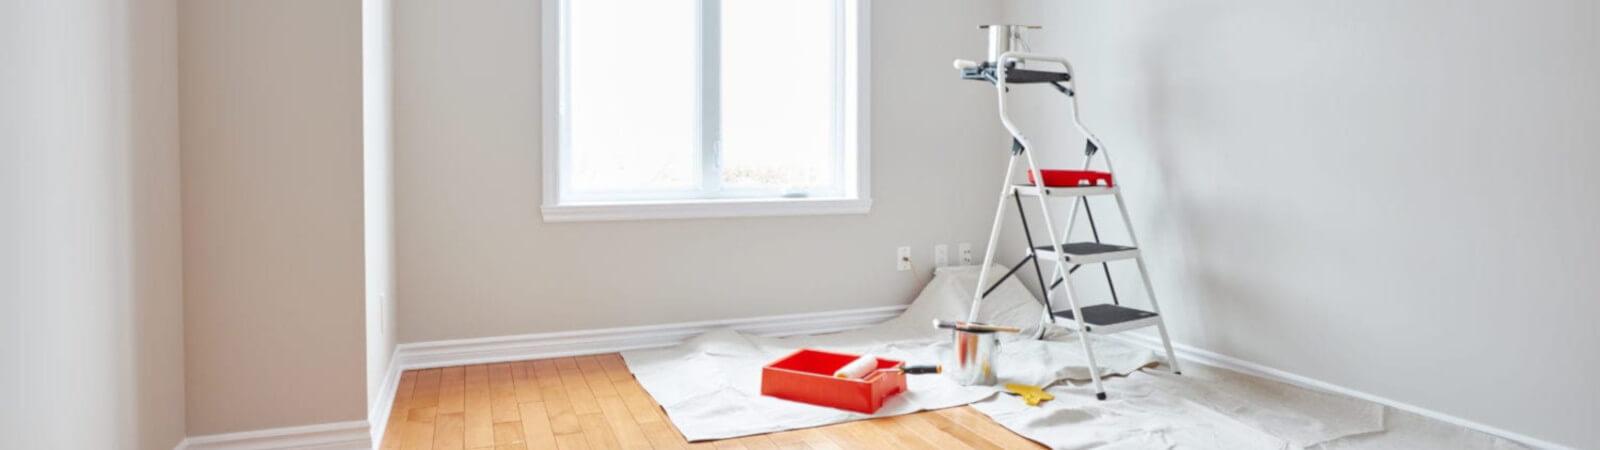 З чого почати ремонт в квартирі